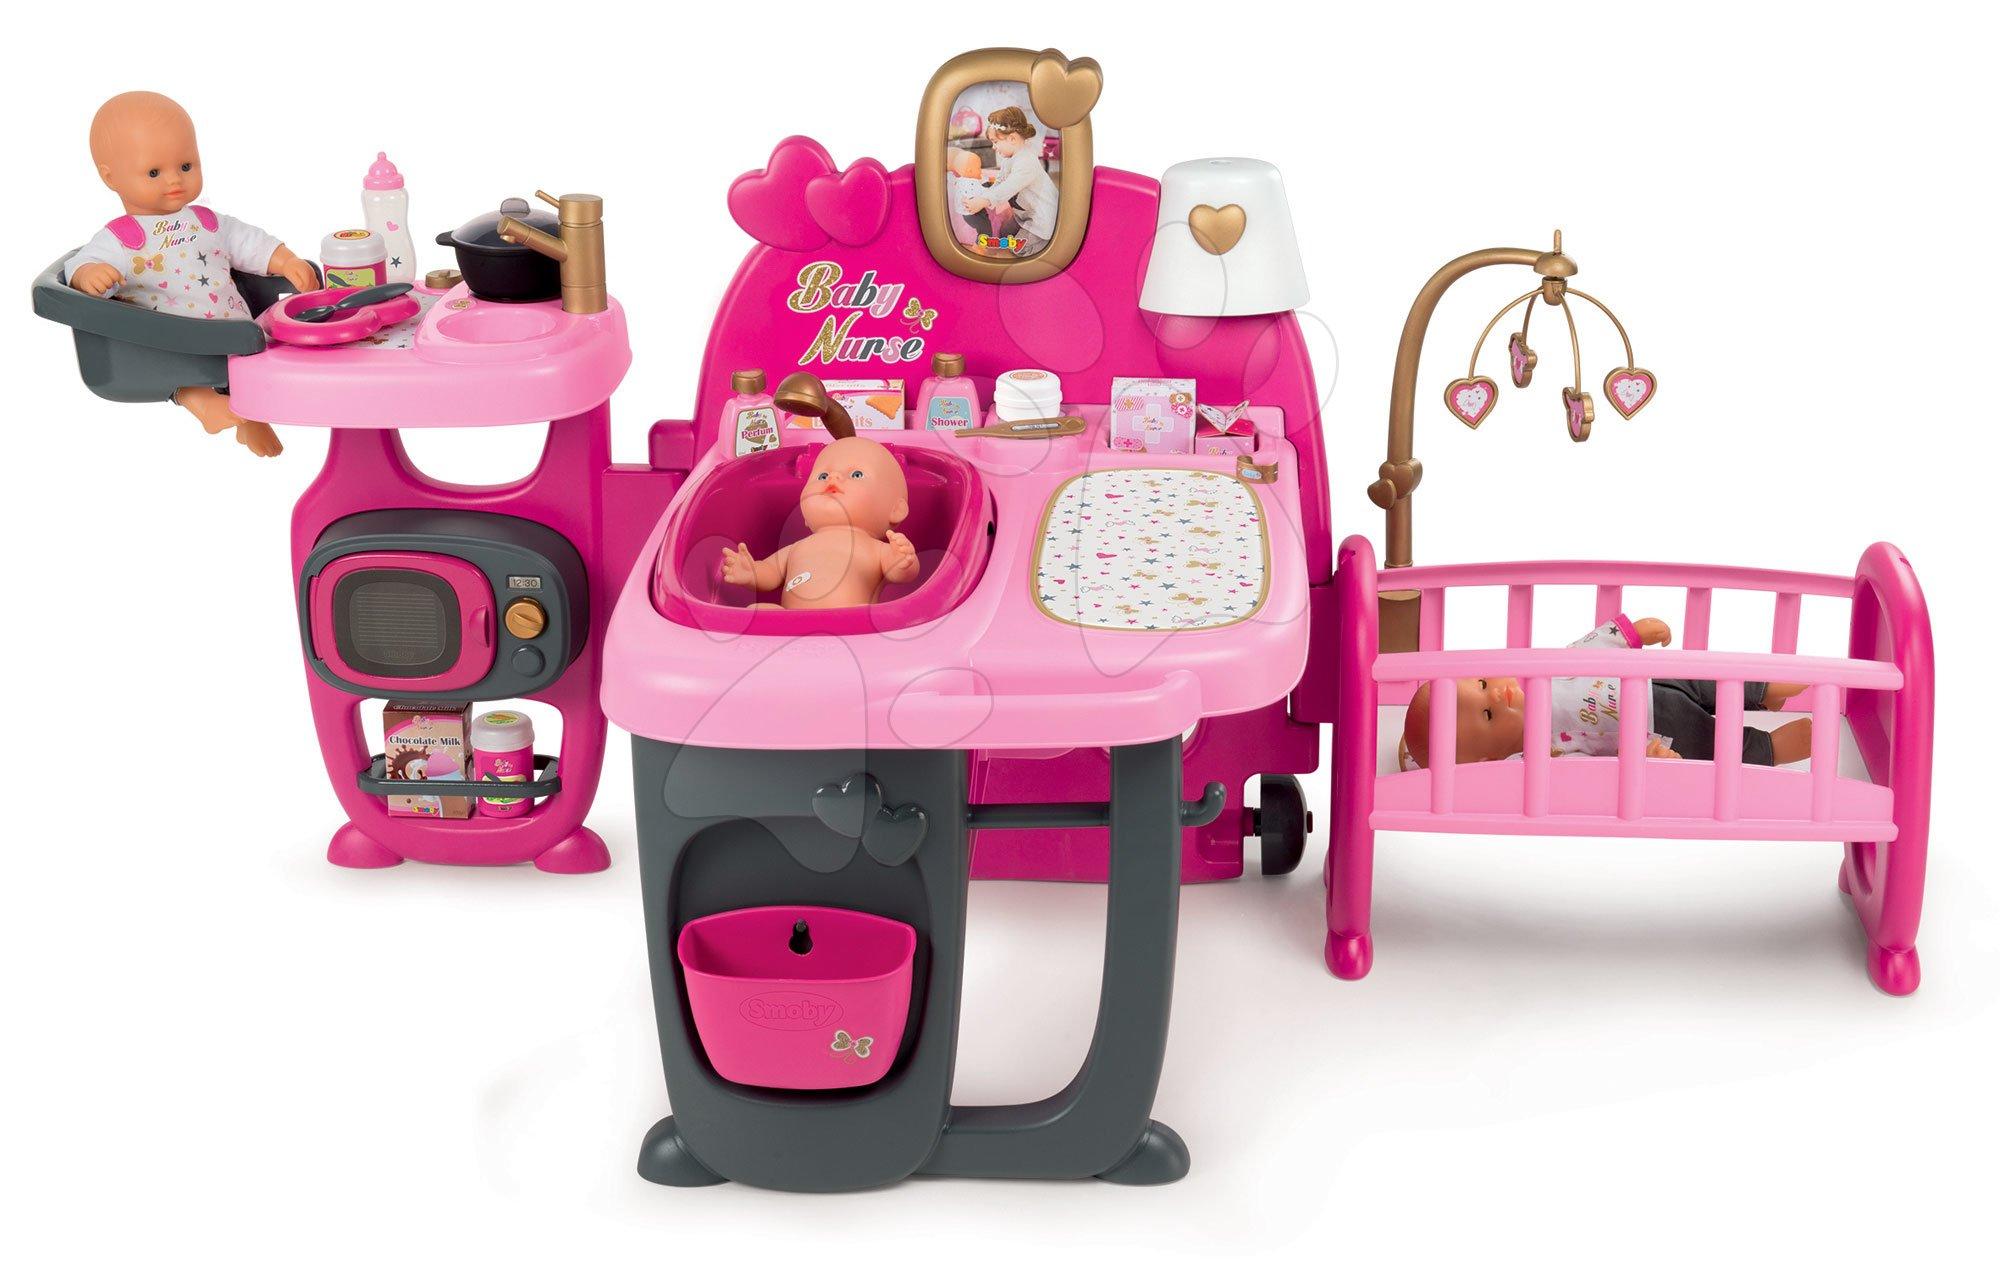 Centru bebe pentru păpuşă Baby Nurse Doll's Play Center Smoby cu trei părţi şi 23 de accesorii